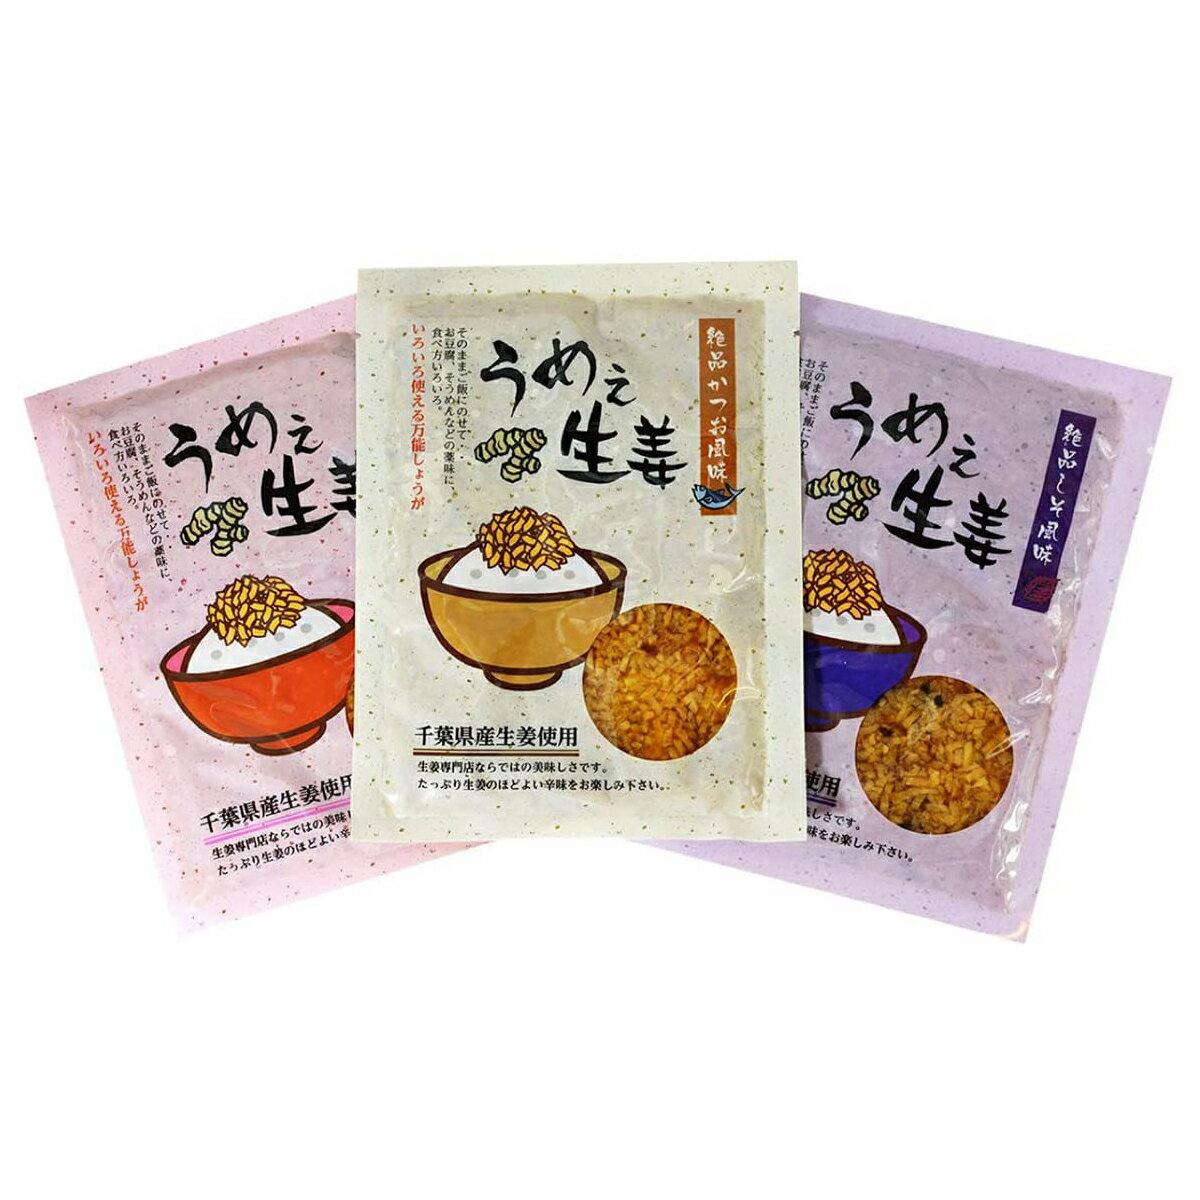 うめぇ生姜エコパック(鰹・しそ・梅) 135g 3種セット クリックポスト 送料無料